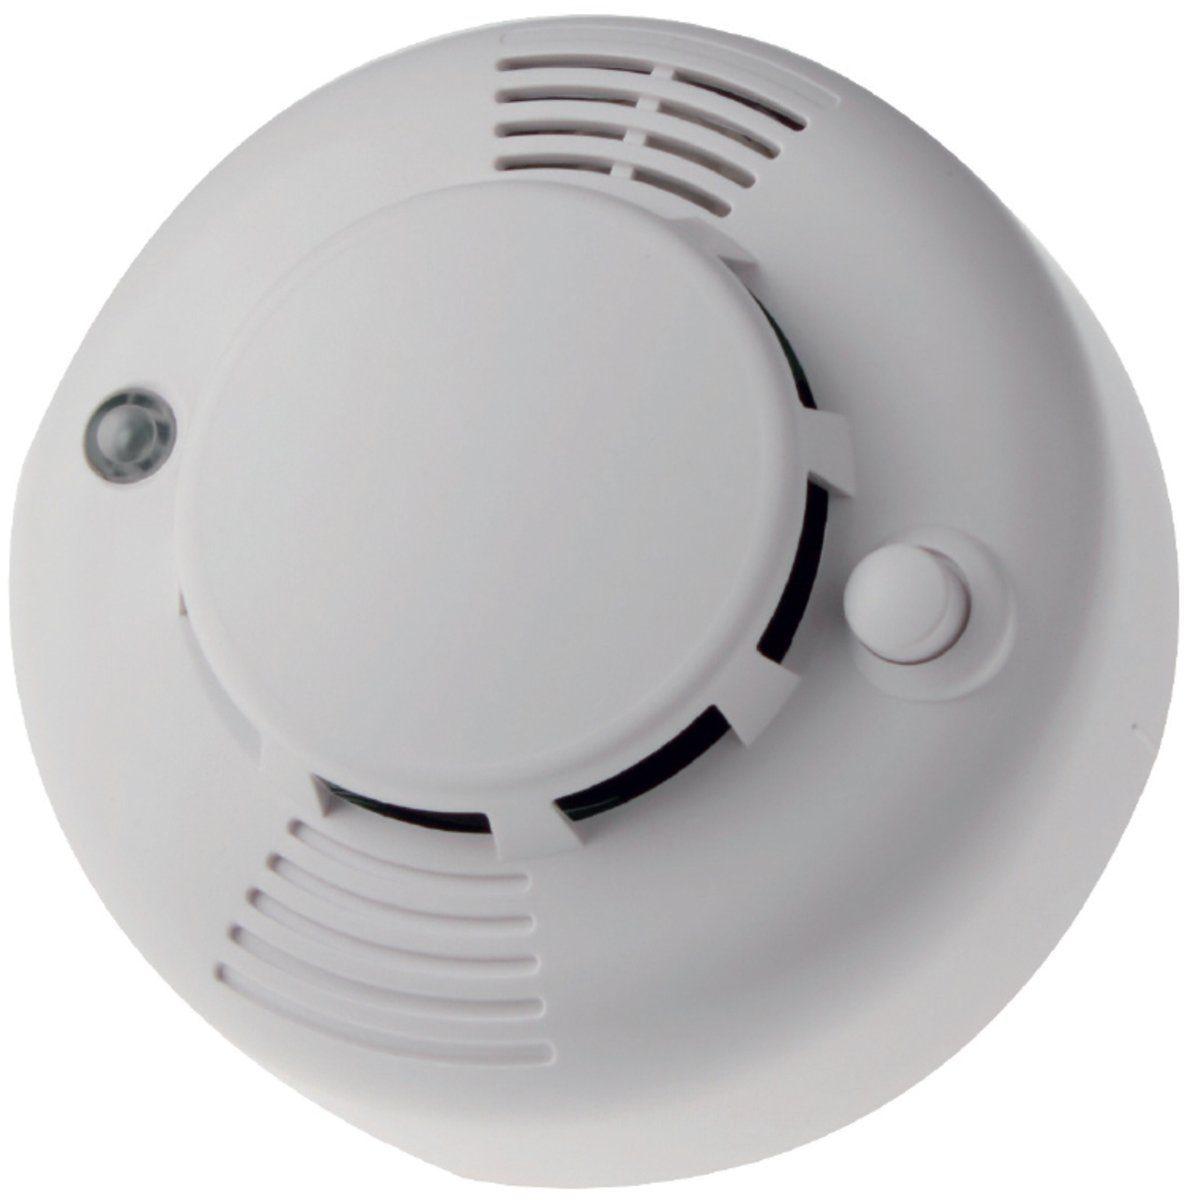 Blaupunkt Smart Home Zubehör »SD-S1 Funk-Rauchmelder«